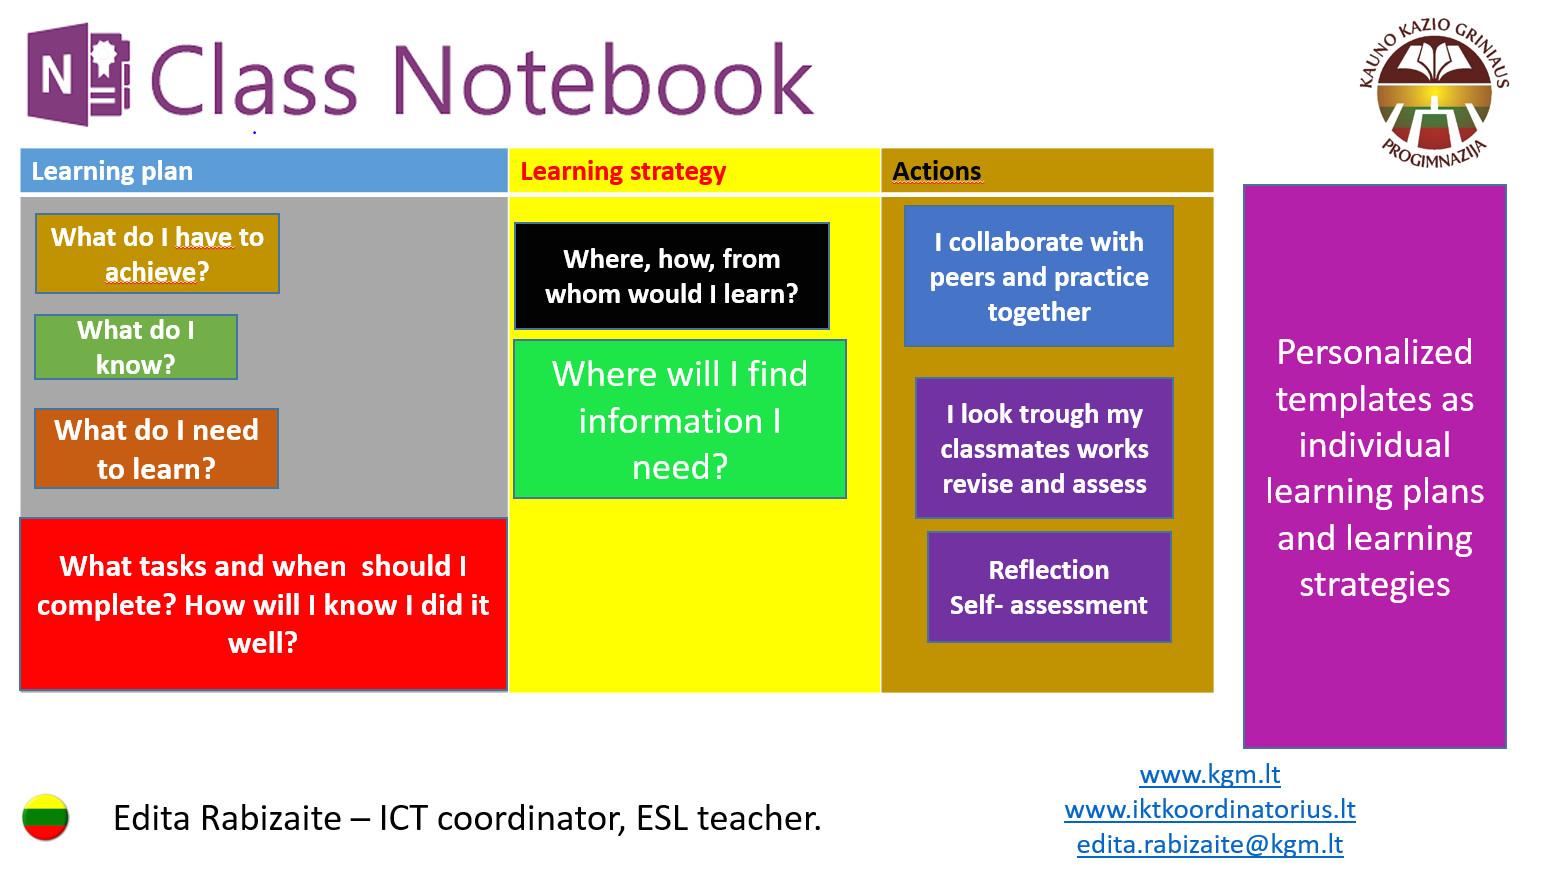 onenote class notebook as an e portfolio